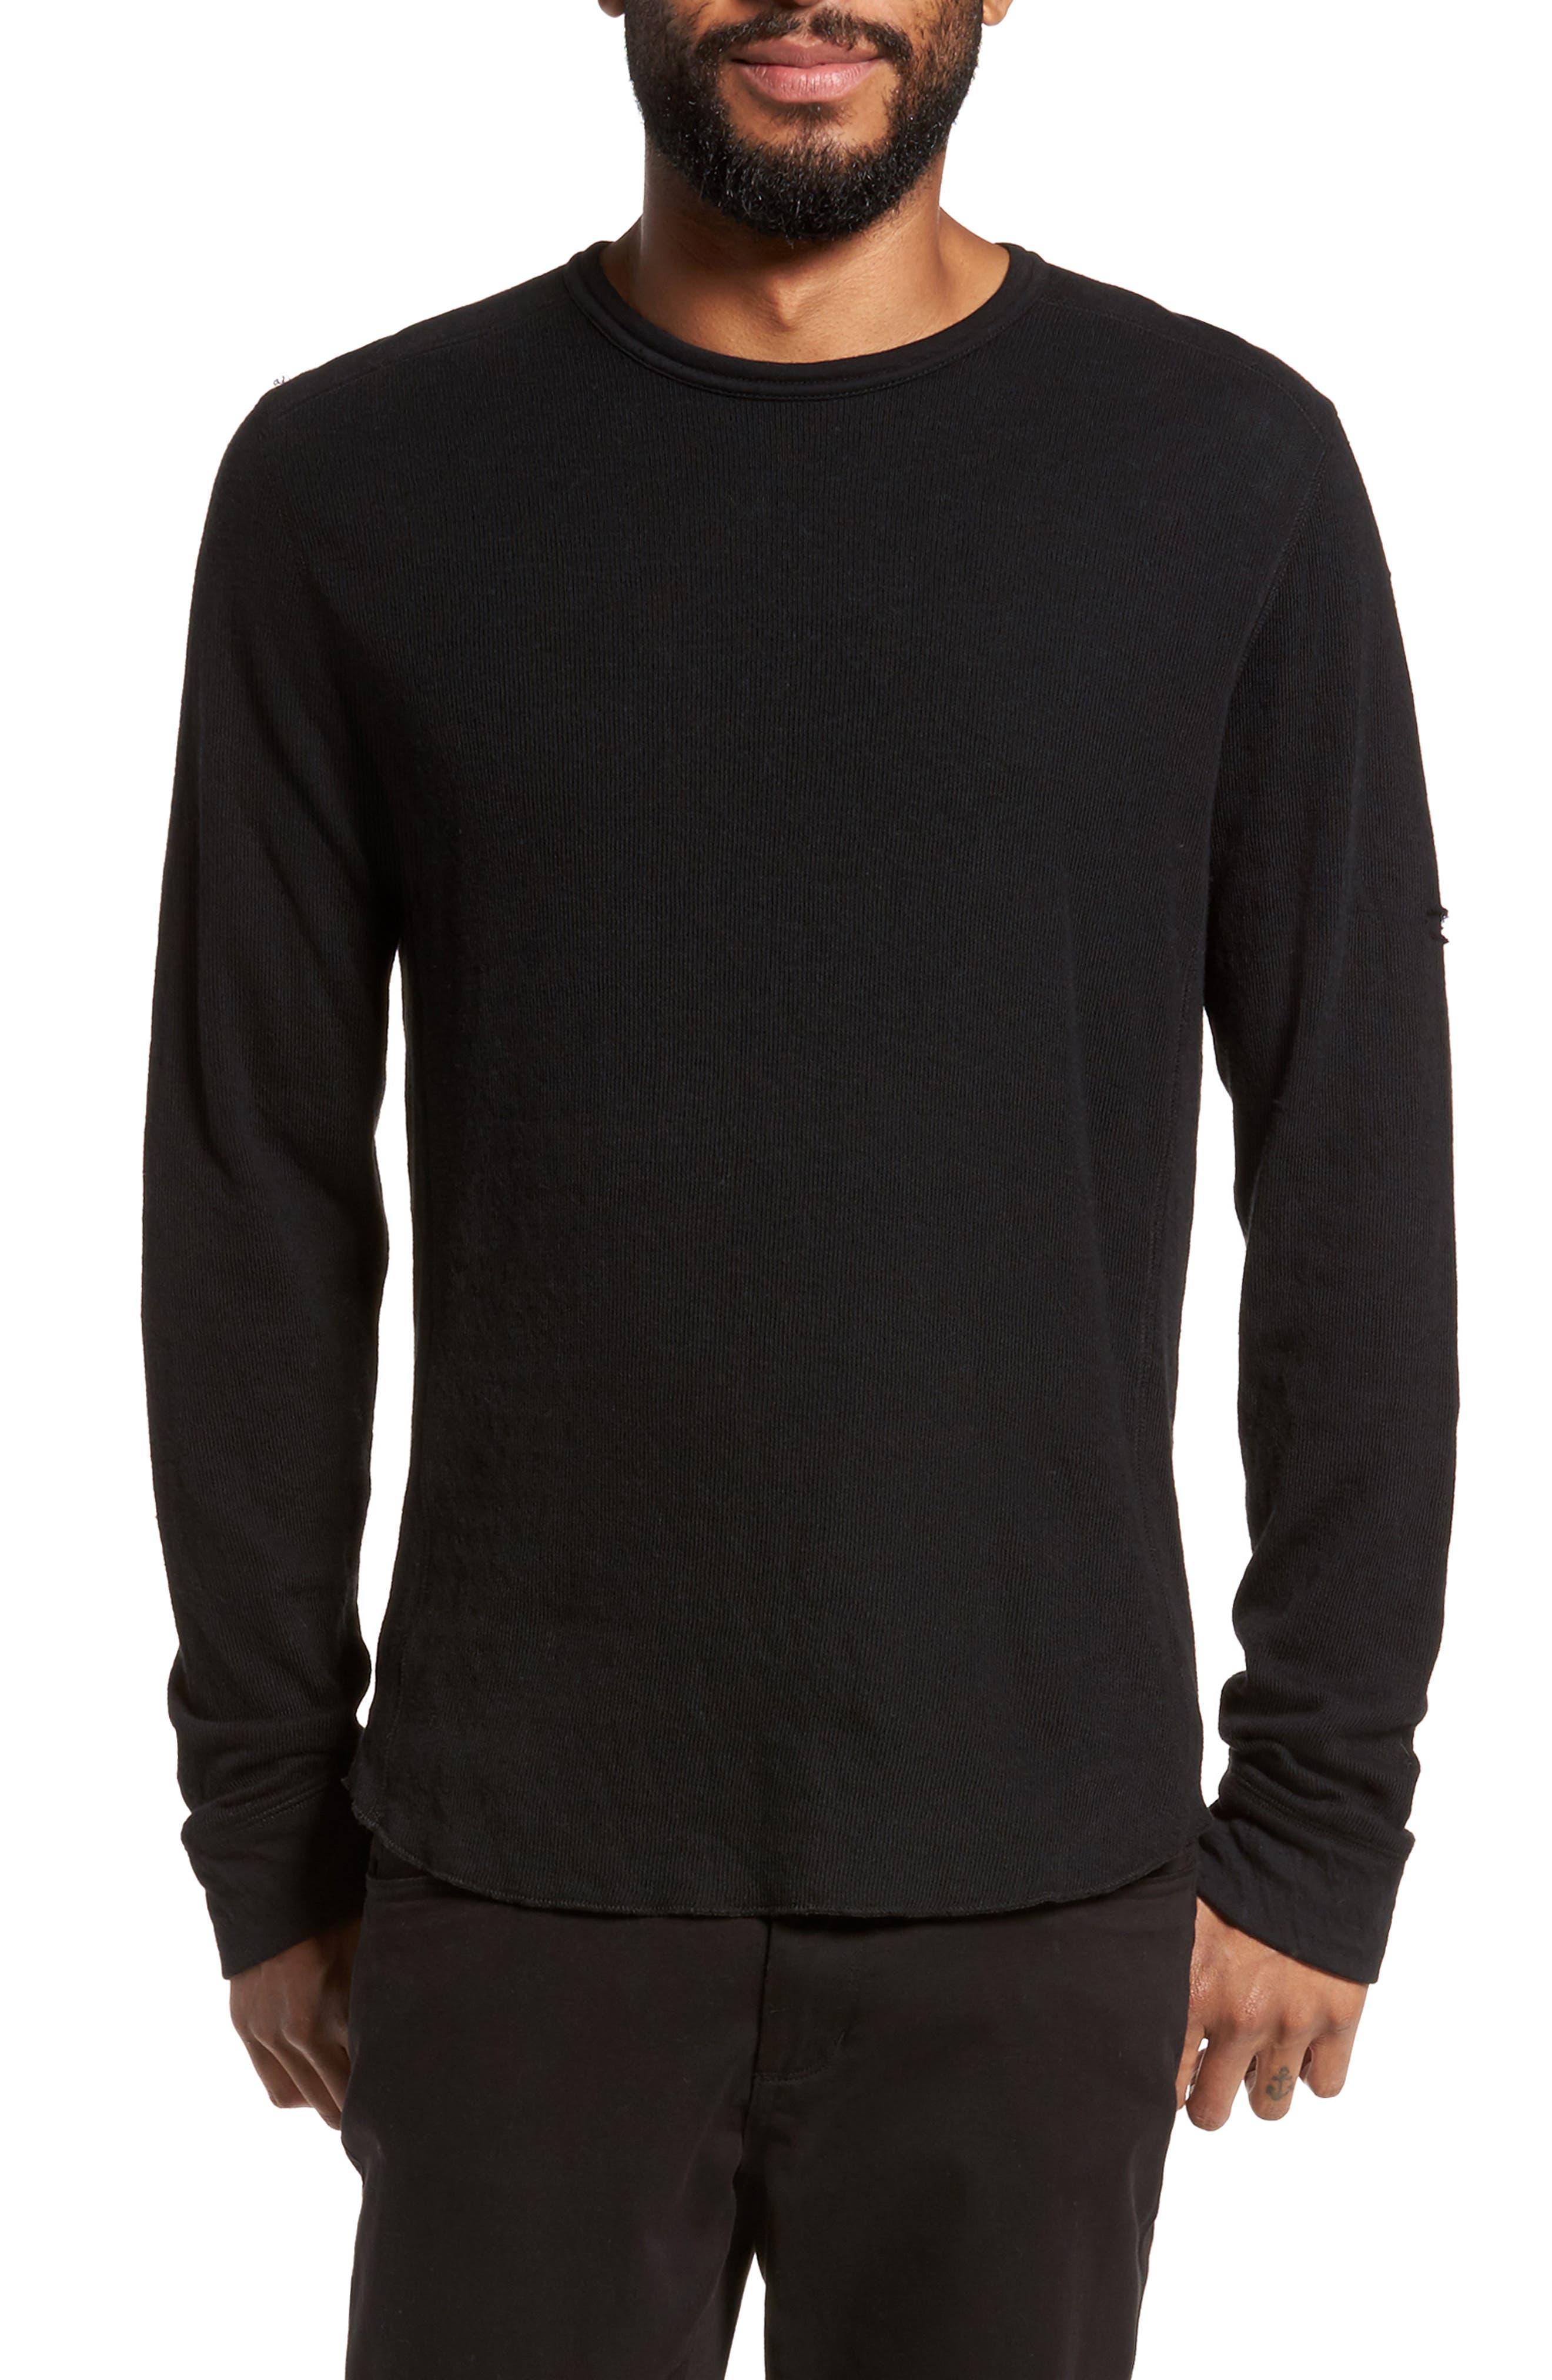 VINCE Double Knit Long Sleeve T-Shirt, Main, color, BLACK